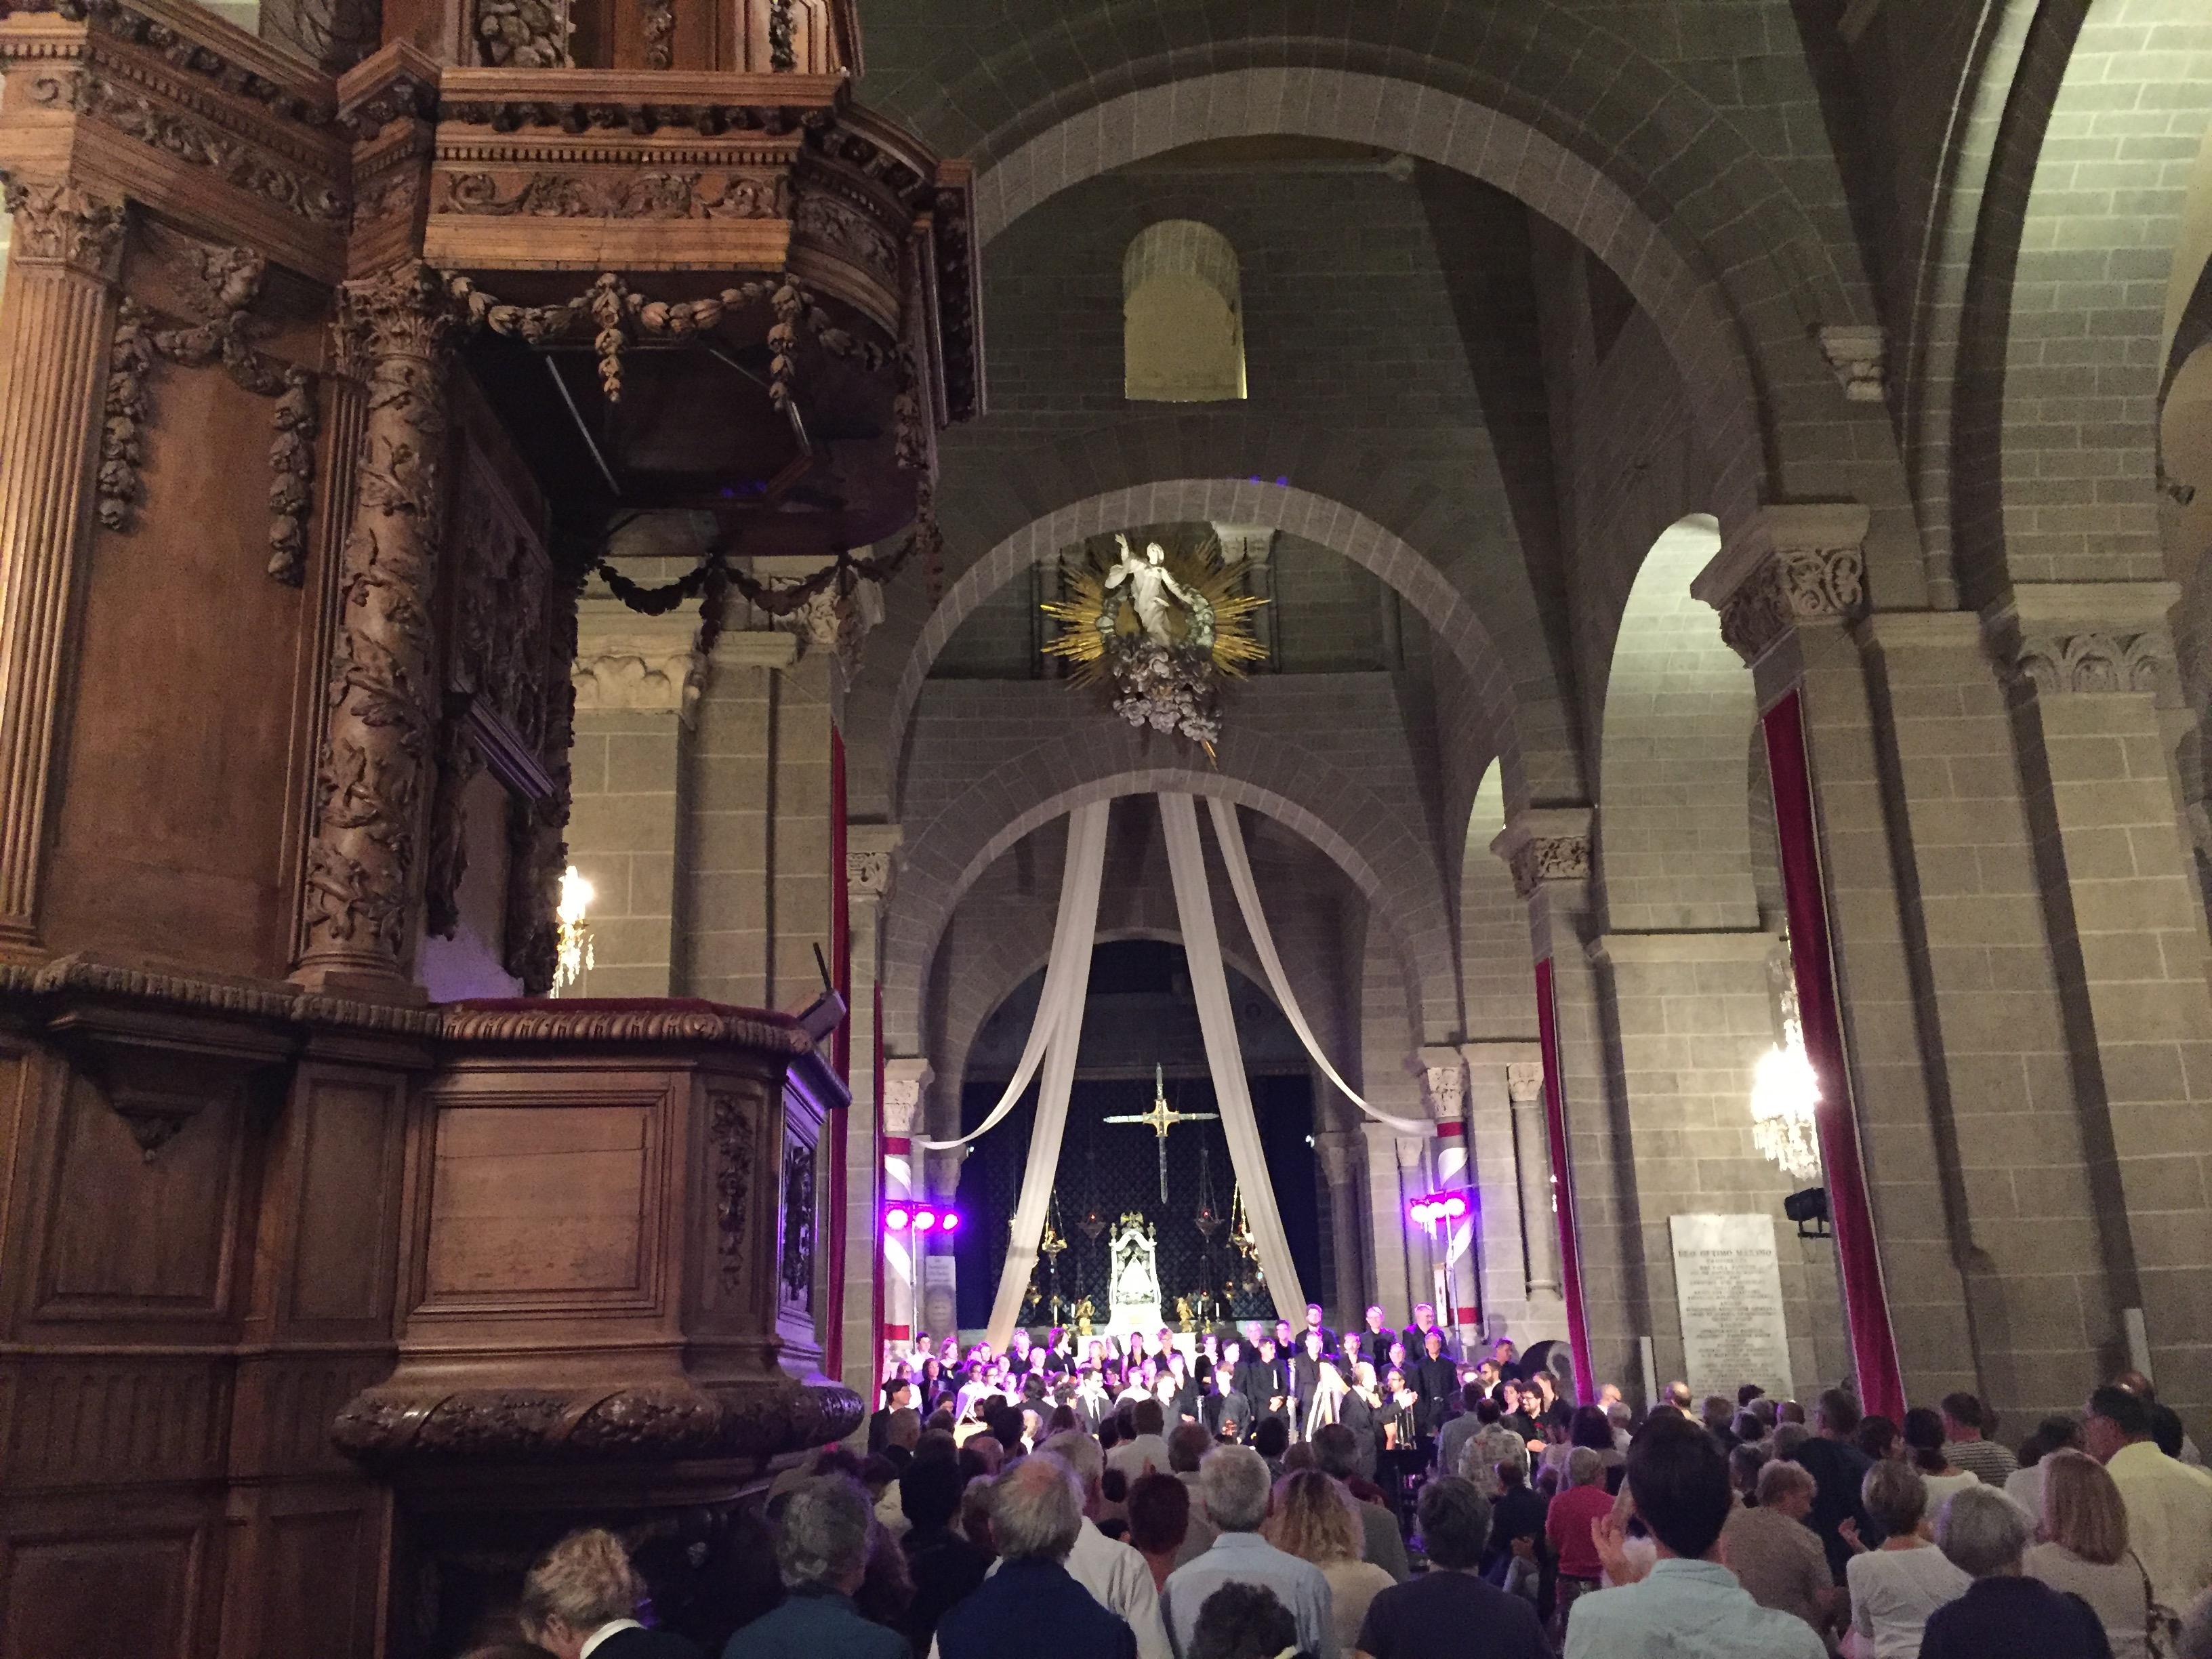 天主教弥撒,恐怖事件,扩音器,玛利亚,十字架 圣母升天烛光夜,上帝居所音乐节--《再济沧海》(68)